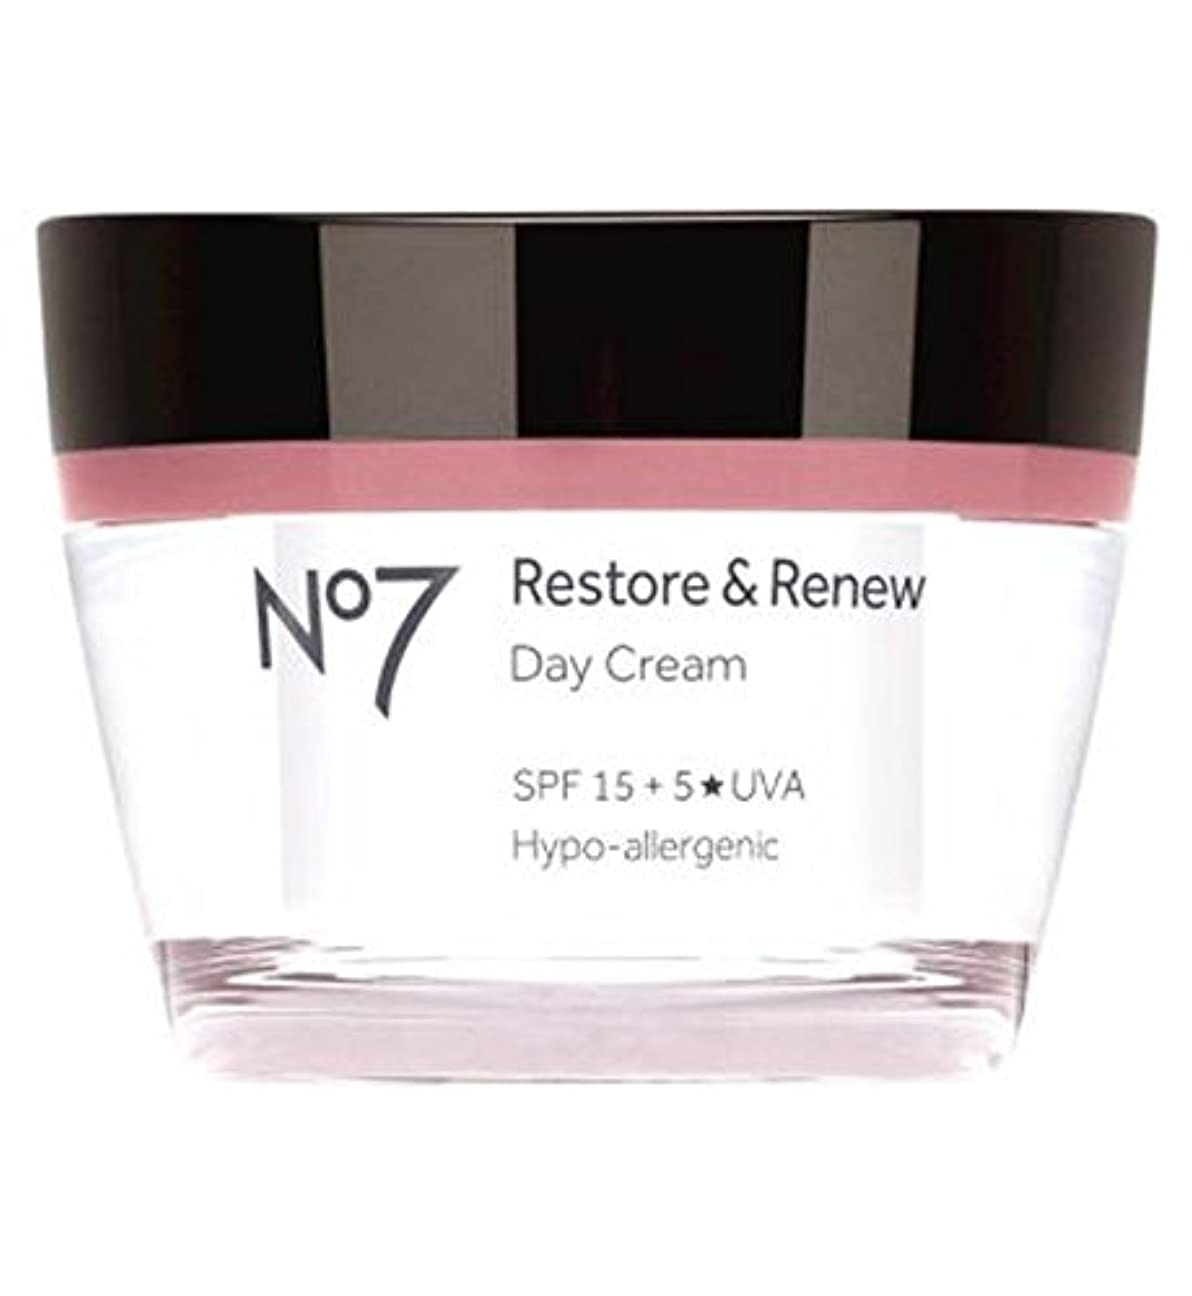 一次オーロック魔術師No7はデイクリームSpf 15 50ミリリットルを復元&更新します (No7) (x2) - No7 Restore & Renew Day Cream SPF 15 50ml (Pack of 2) [並行輸入品]